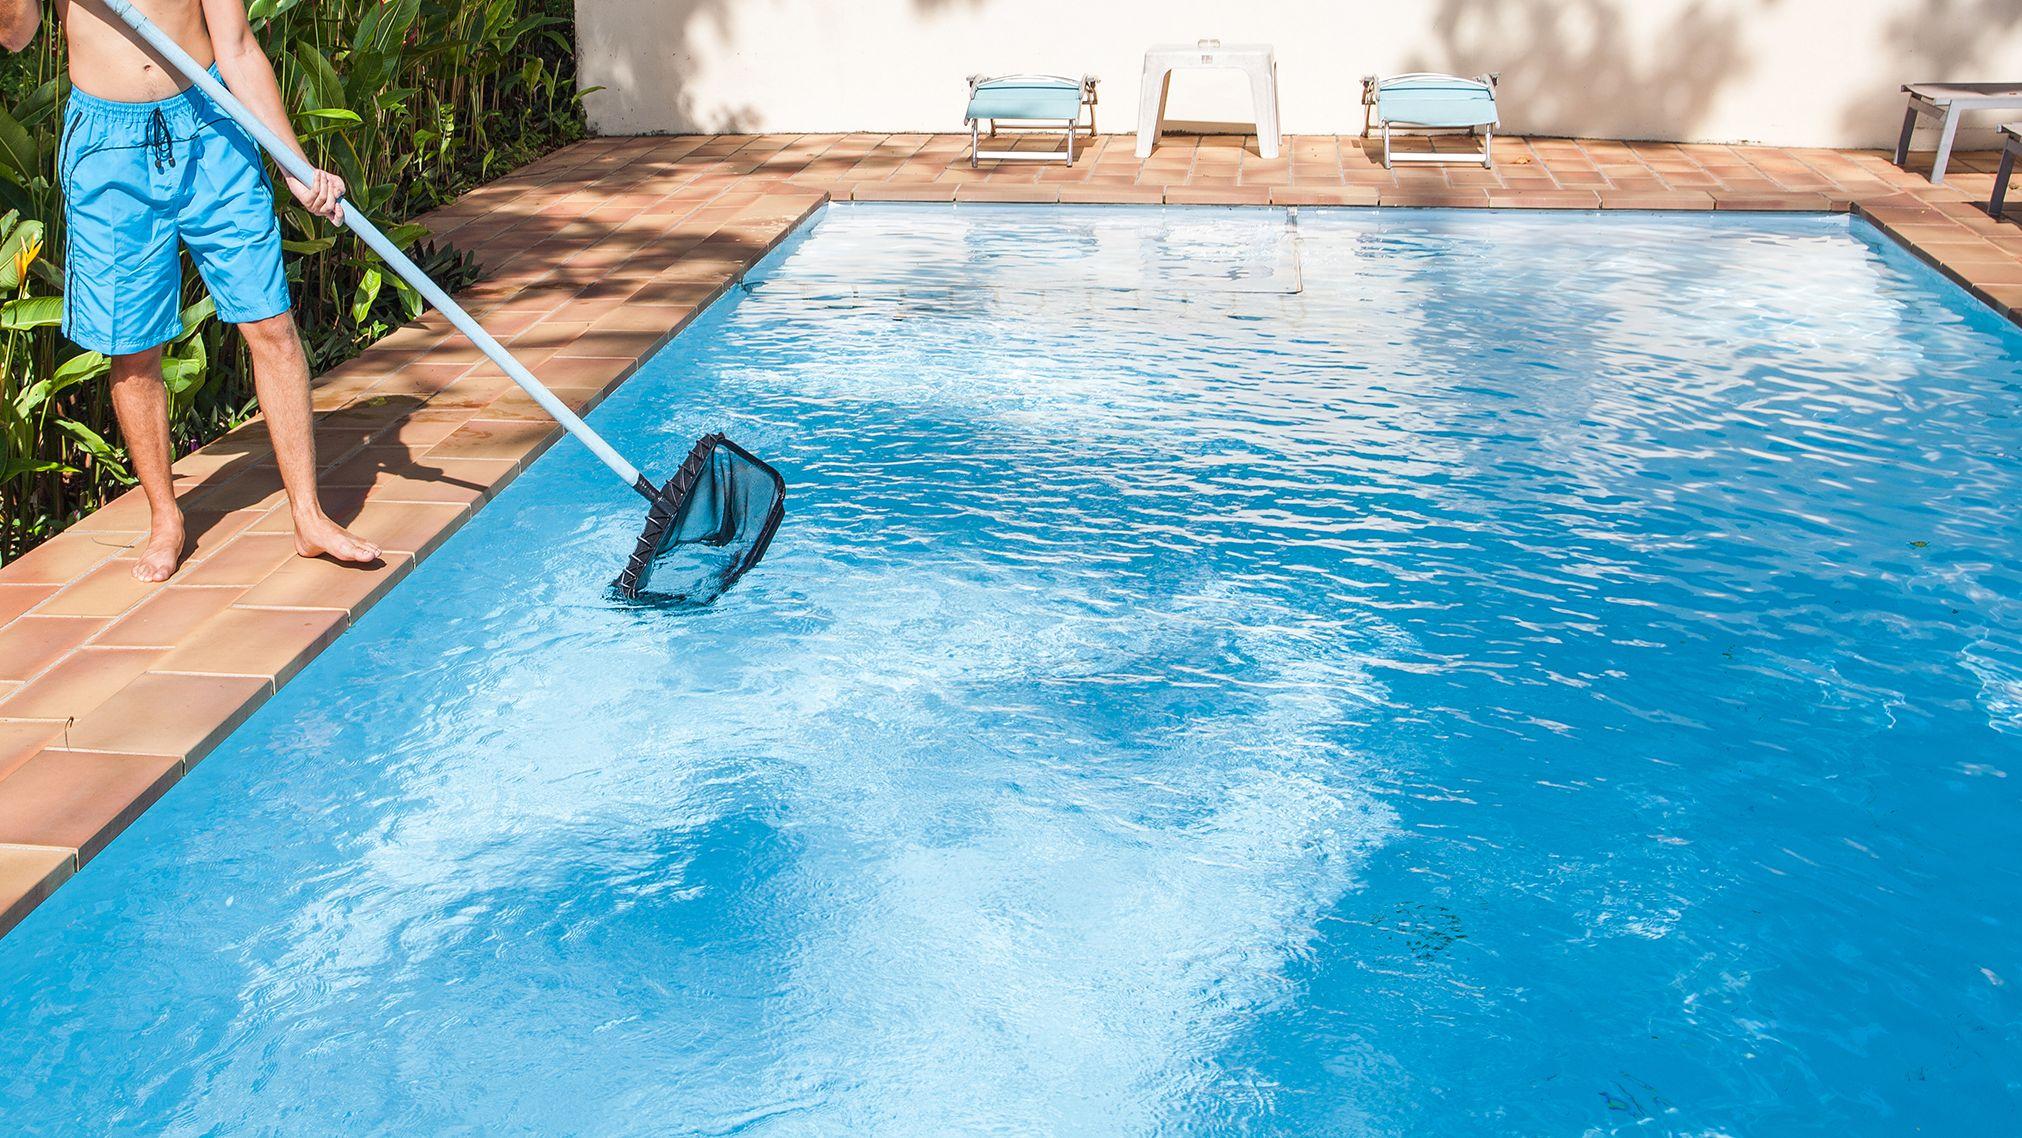 Redémarrer une piscine après hivernage